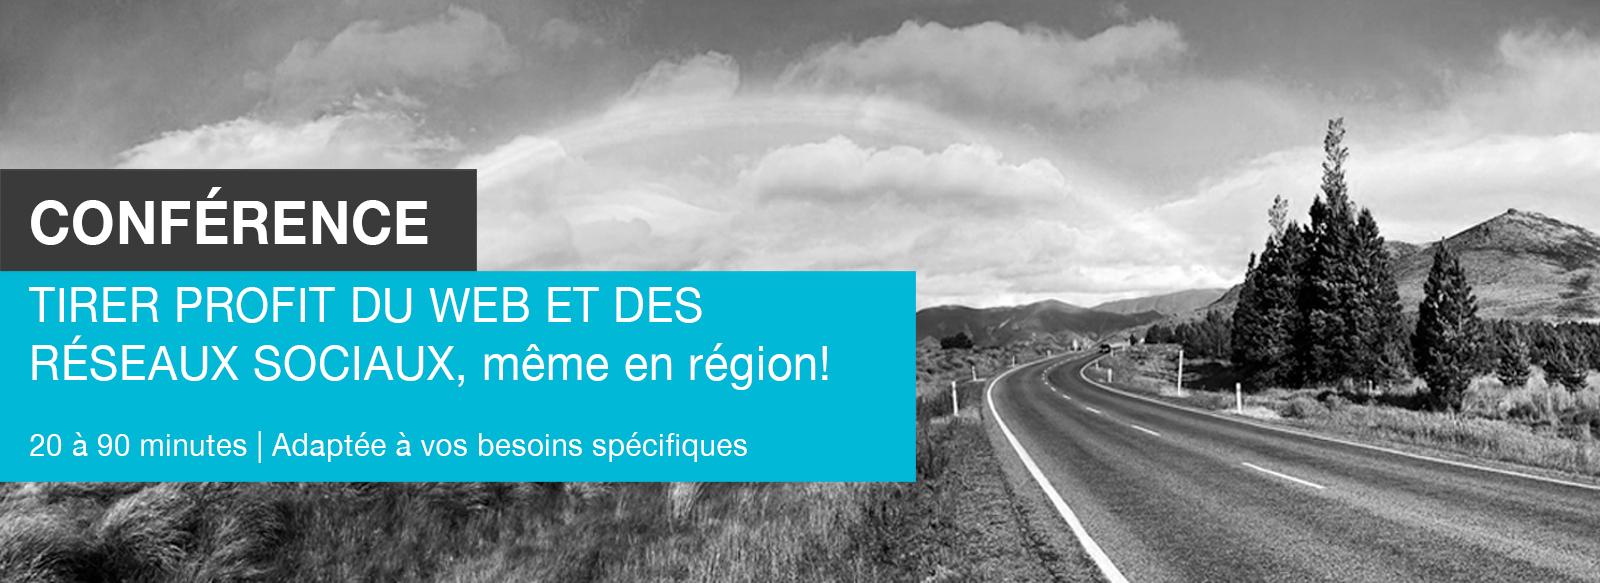 Conférence Réseaux sociaux Région Edith Jolicoeur Consultante branchée